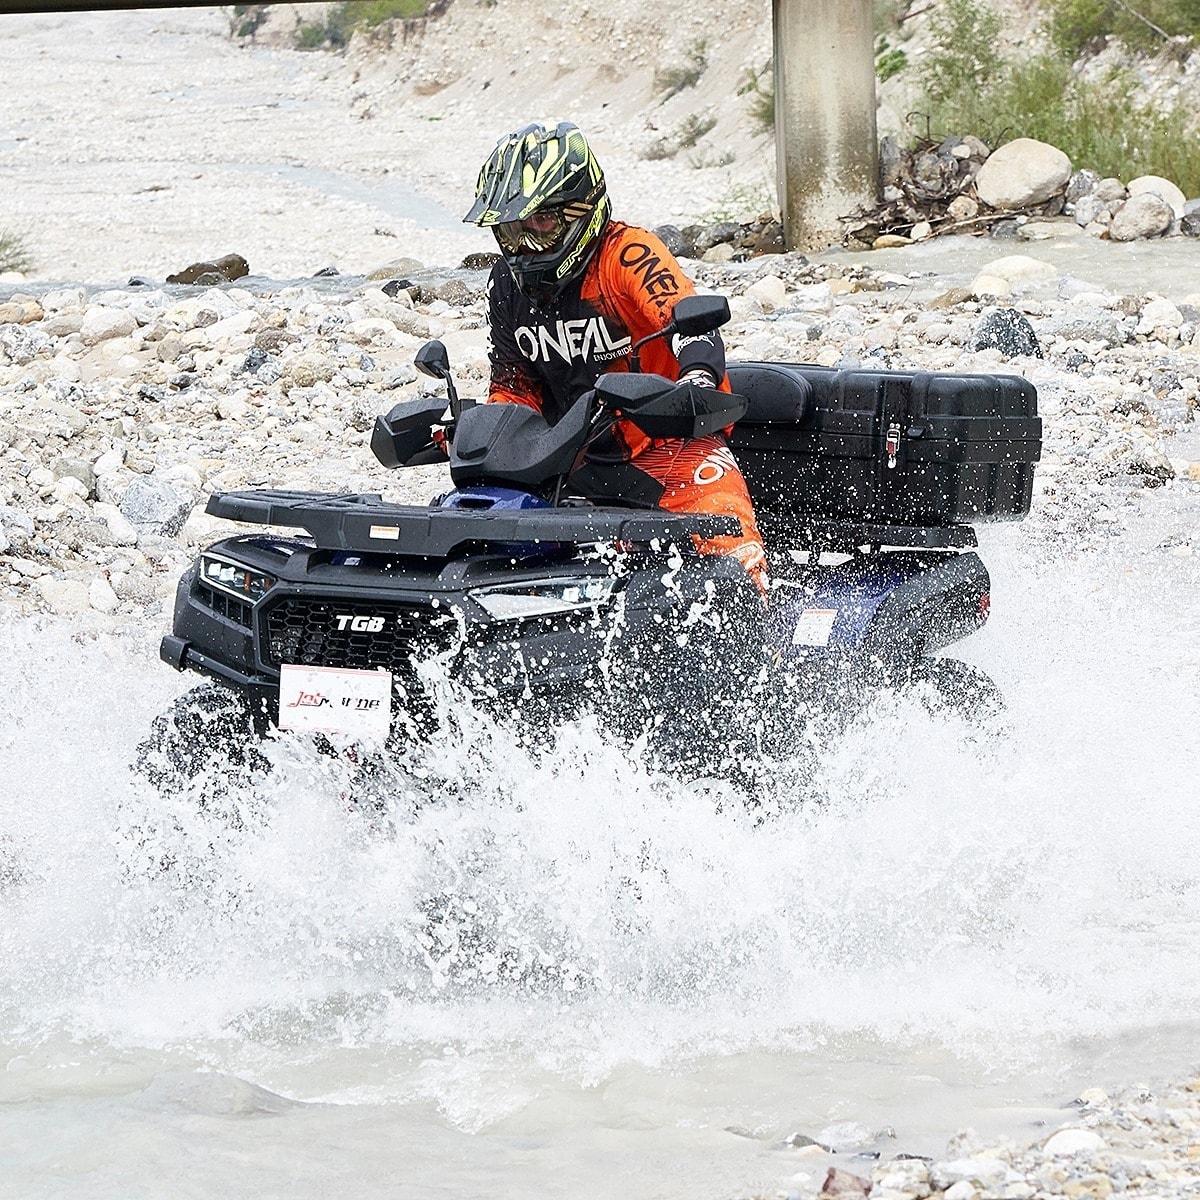 ein Mann fährt mit einem Quad und Schutzkleidung durch einen Bach